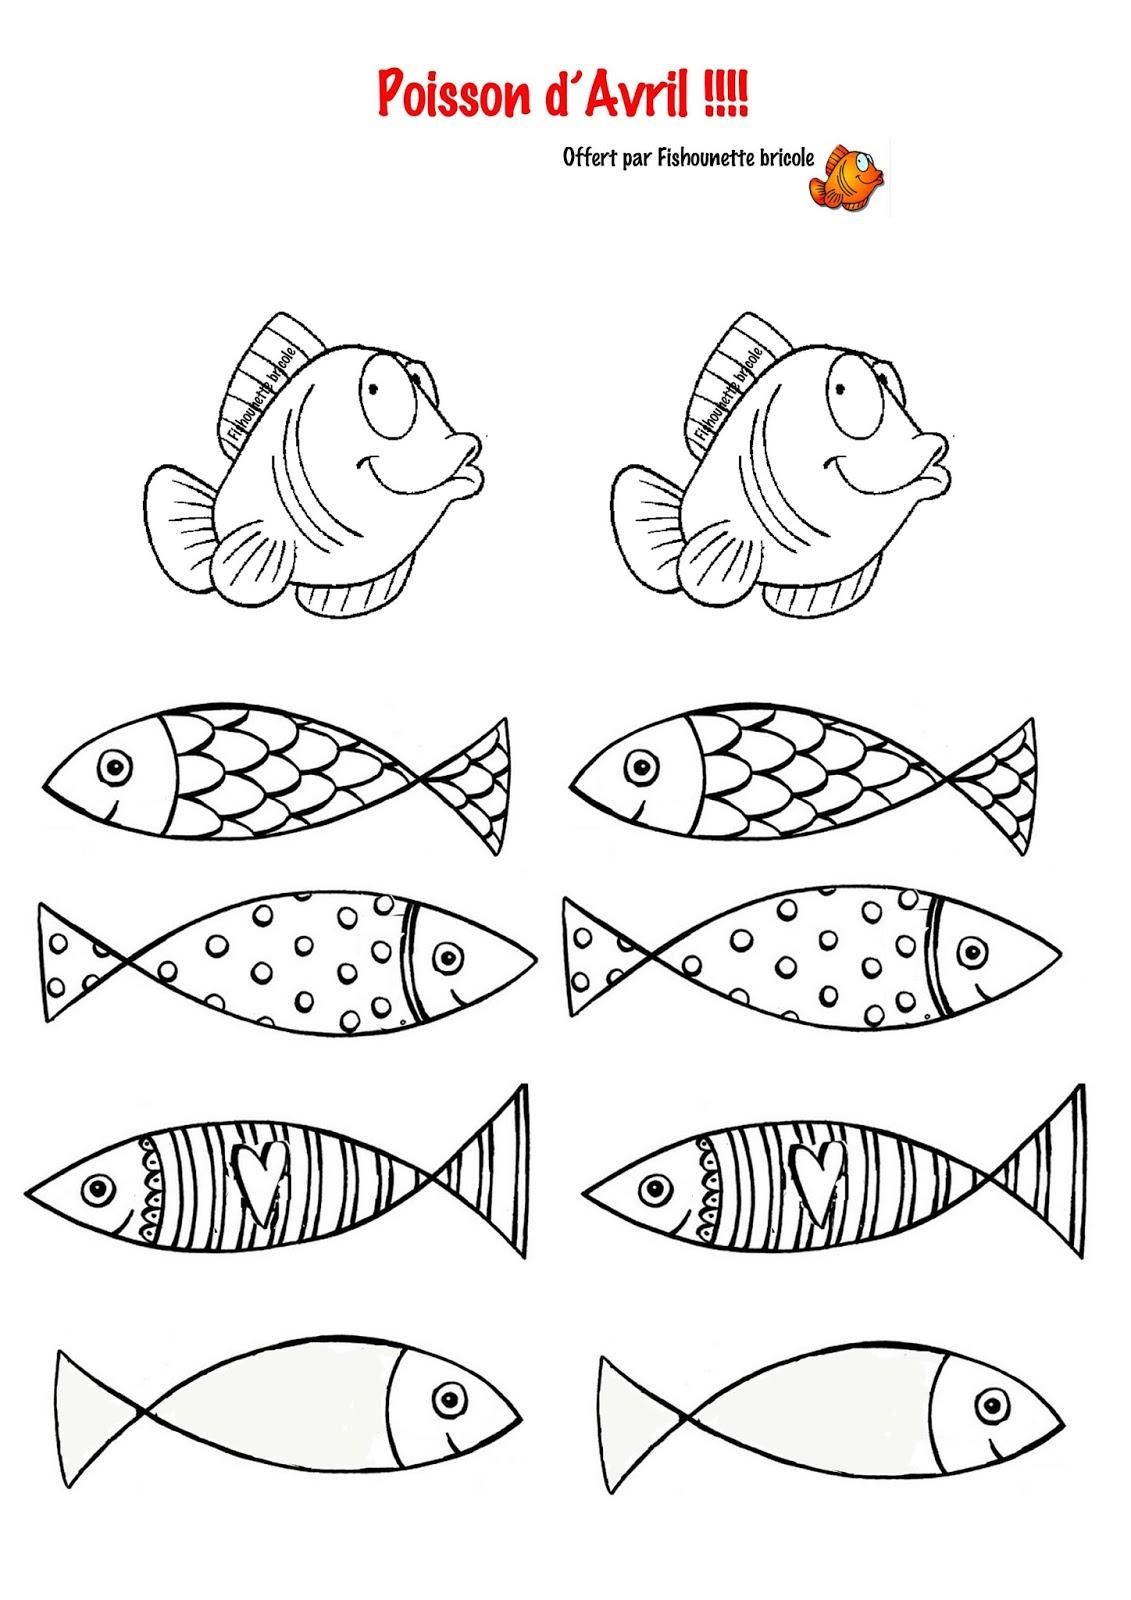 Les Diy De Fishounette : Poissons D'avril À Imprimer tout Poisson D Avril A Imprimer Gratuit